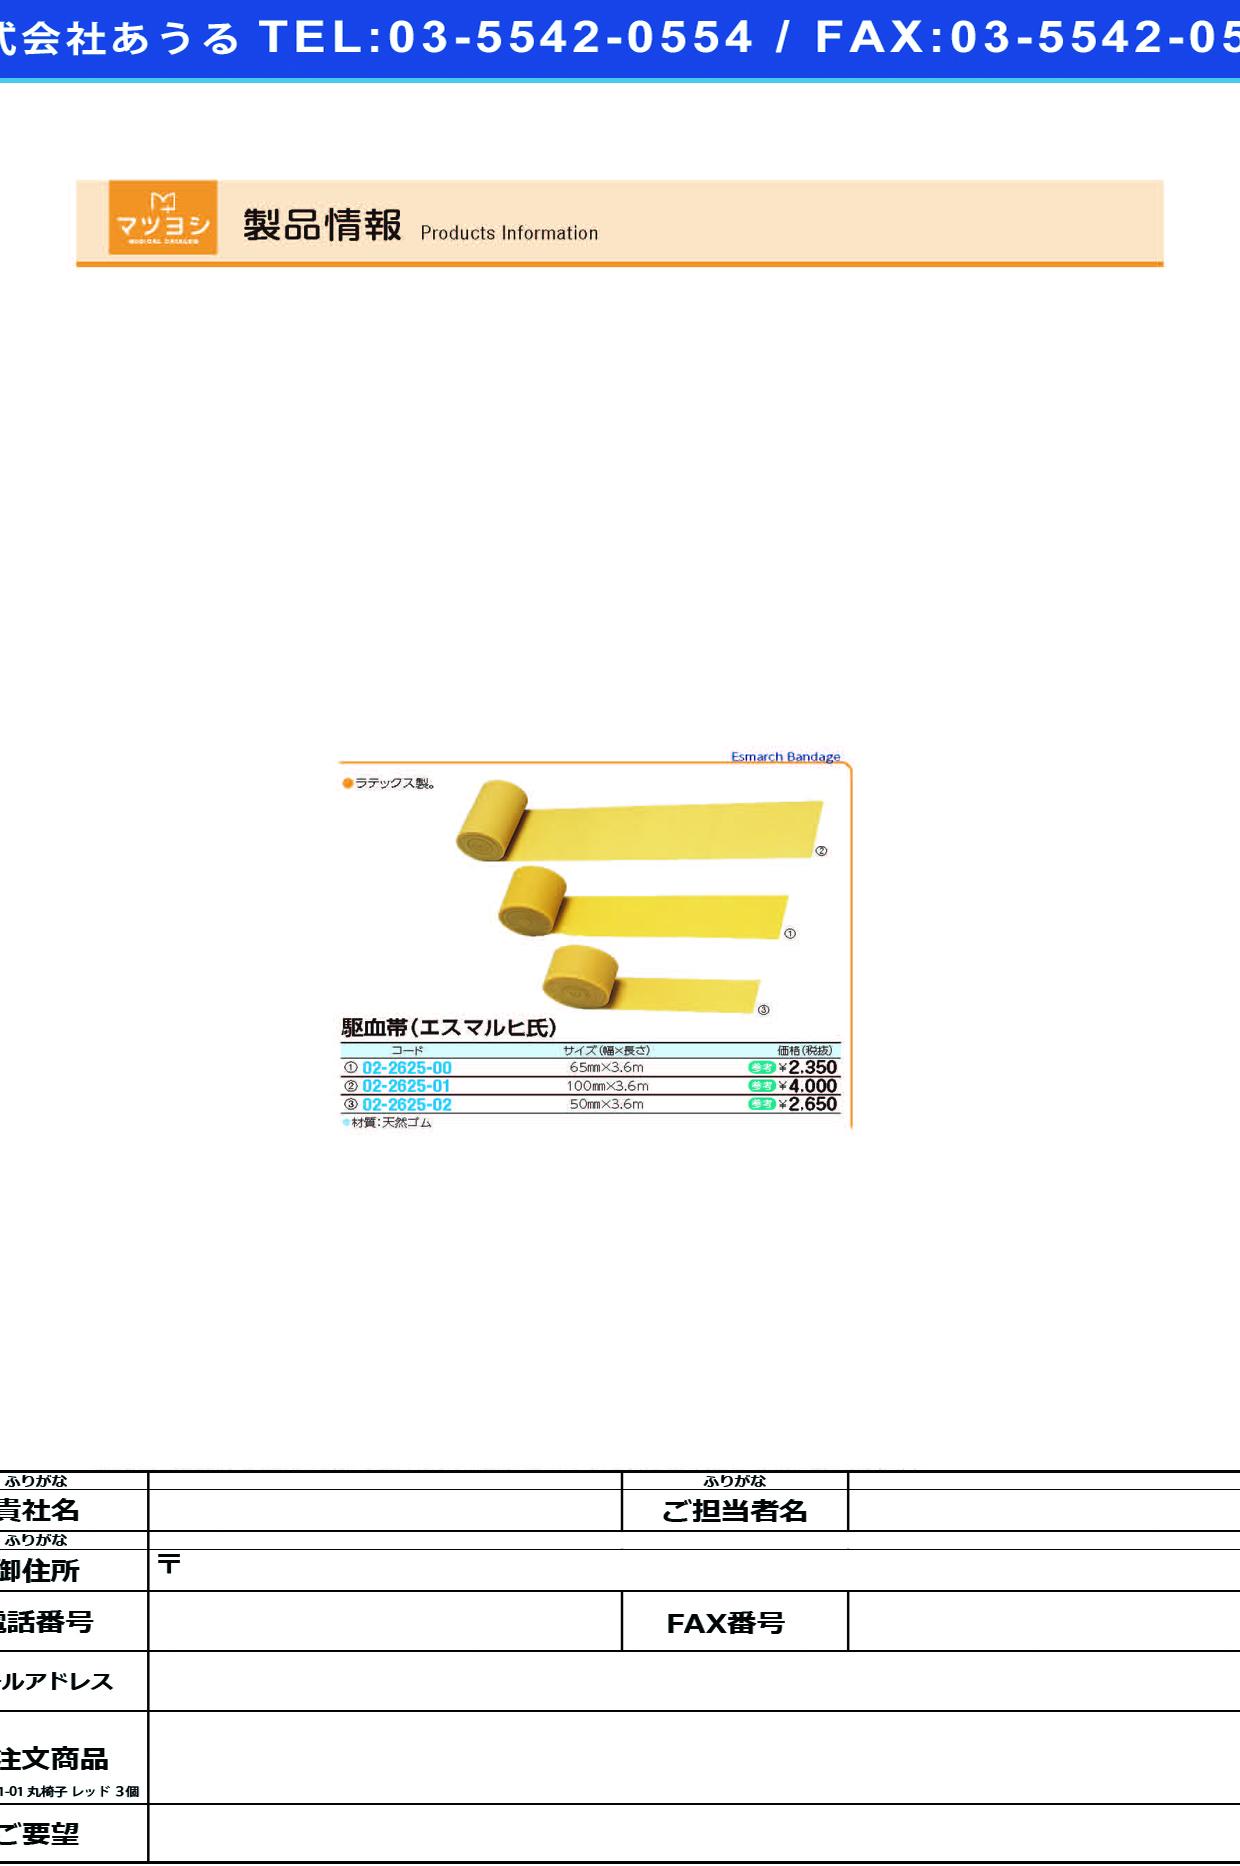 (02-2625-02)駆血帯(エスマルヒ氏) 50MMX3.6M クケツタイ【1巻単位】【2019年カタログ商品】